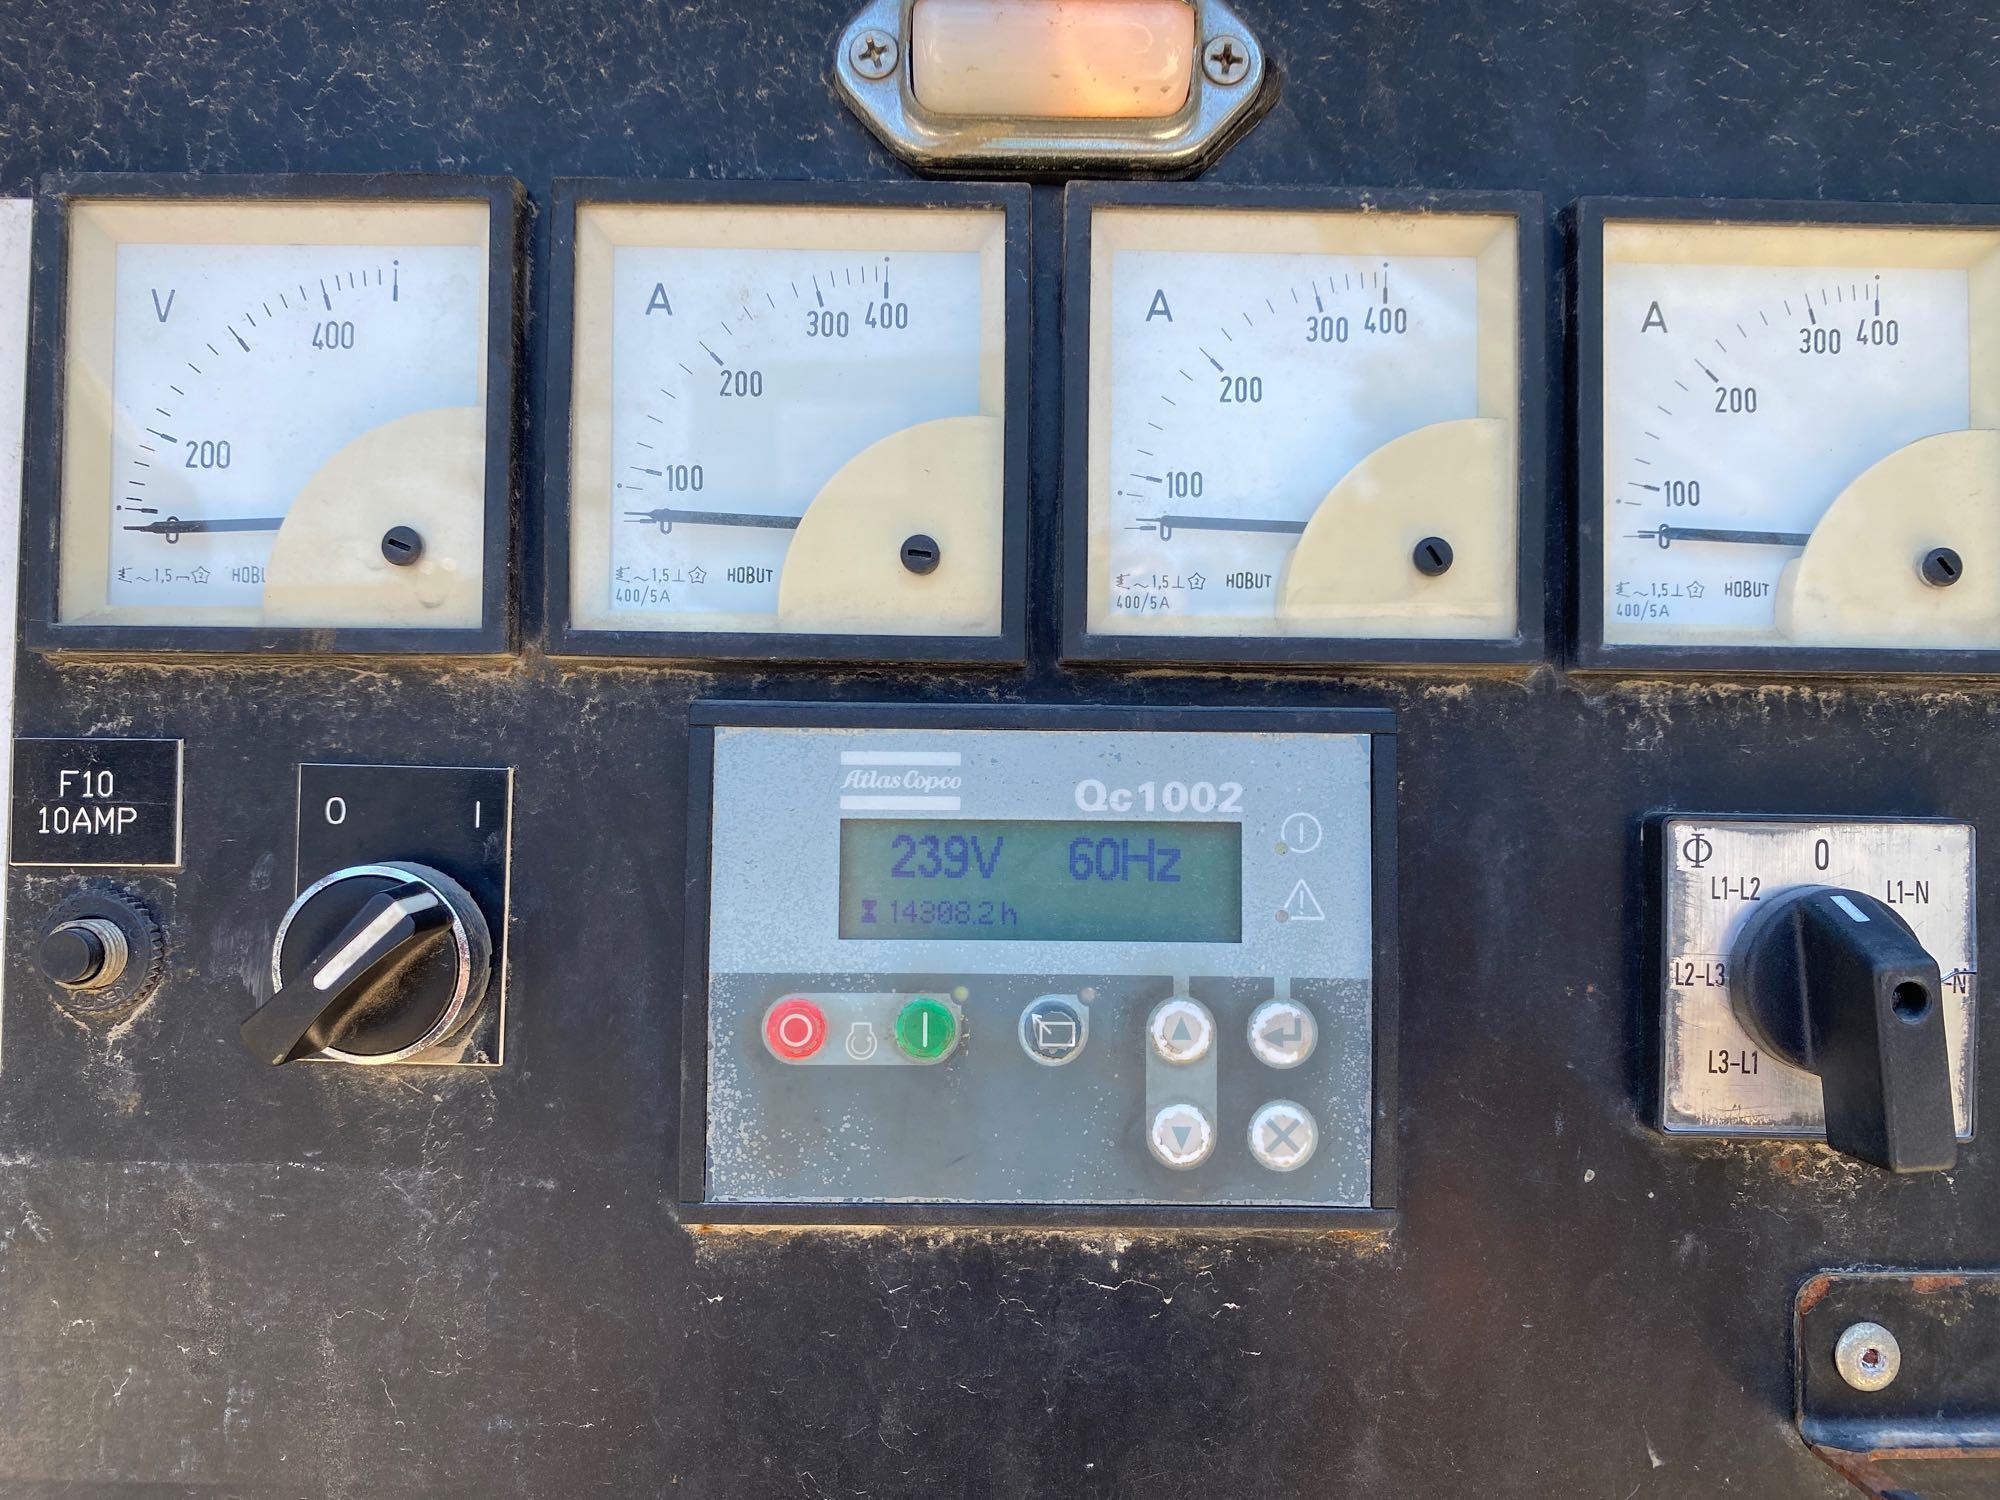 2010/2011 CPG70 JD, JOHN DEERE DIESEL GENERATOR, 56KW, 70KVA, 120/240, 480/240/208, TANDEM AXLE, BUI - Image 8 of 13